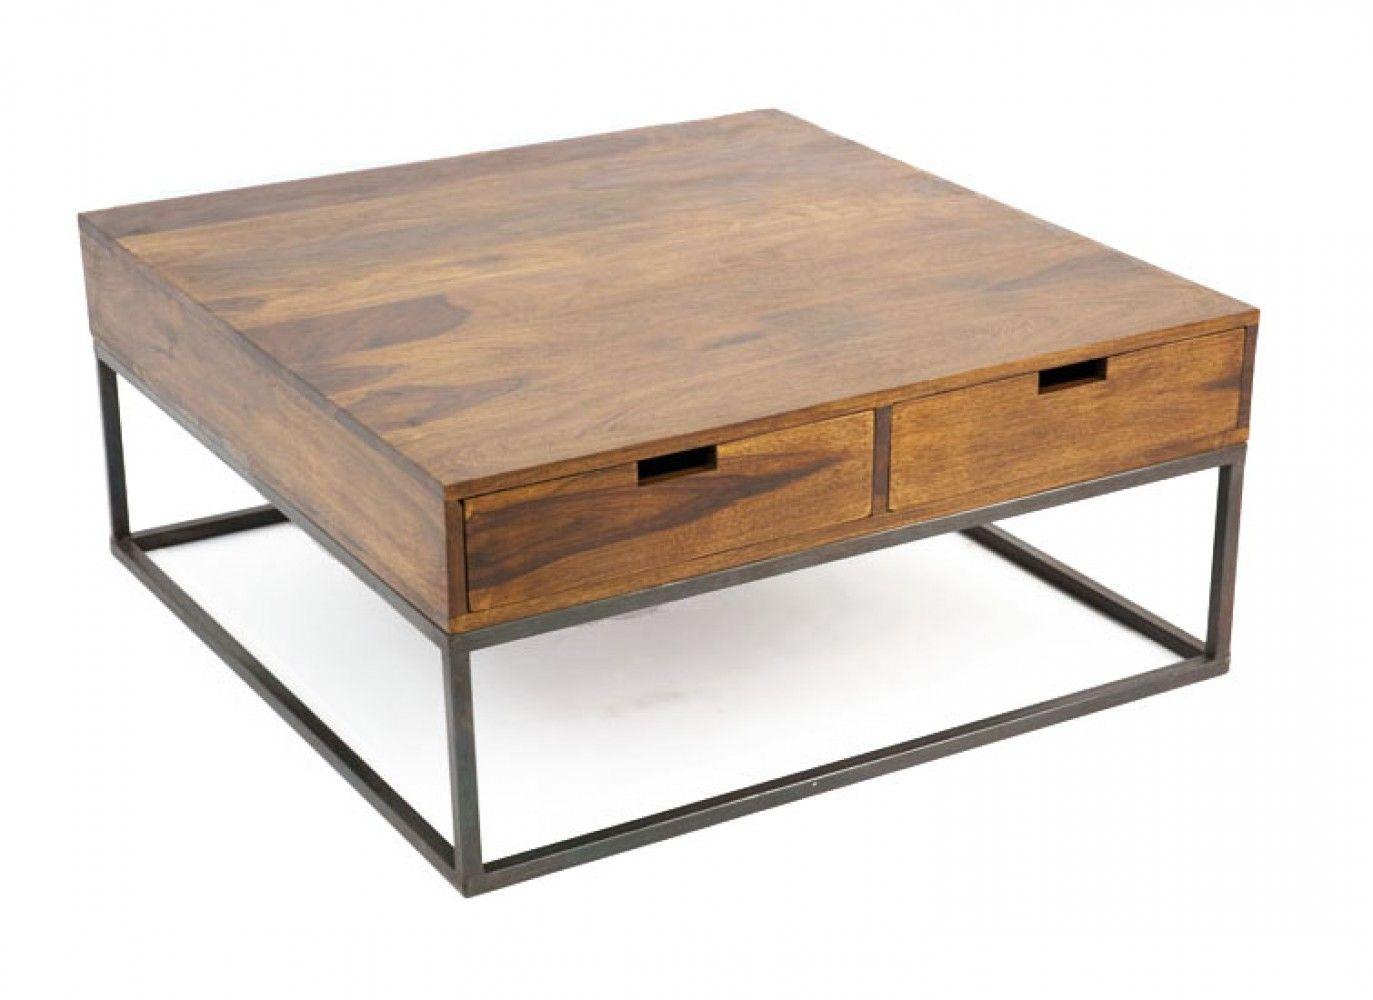 Table Basse Design Industriel 4 Tiroirs Bois Et Fer Crispy  # Table Palissandre Poutre